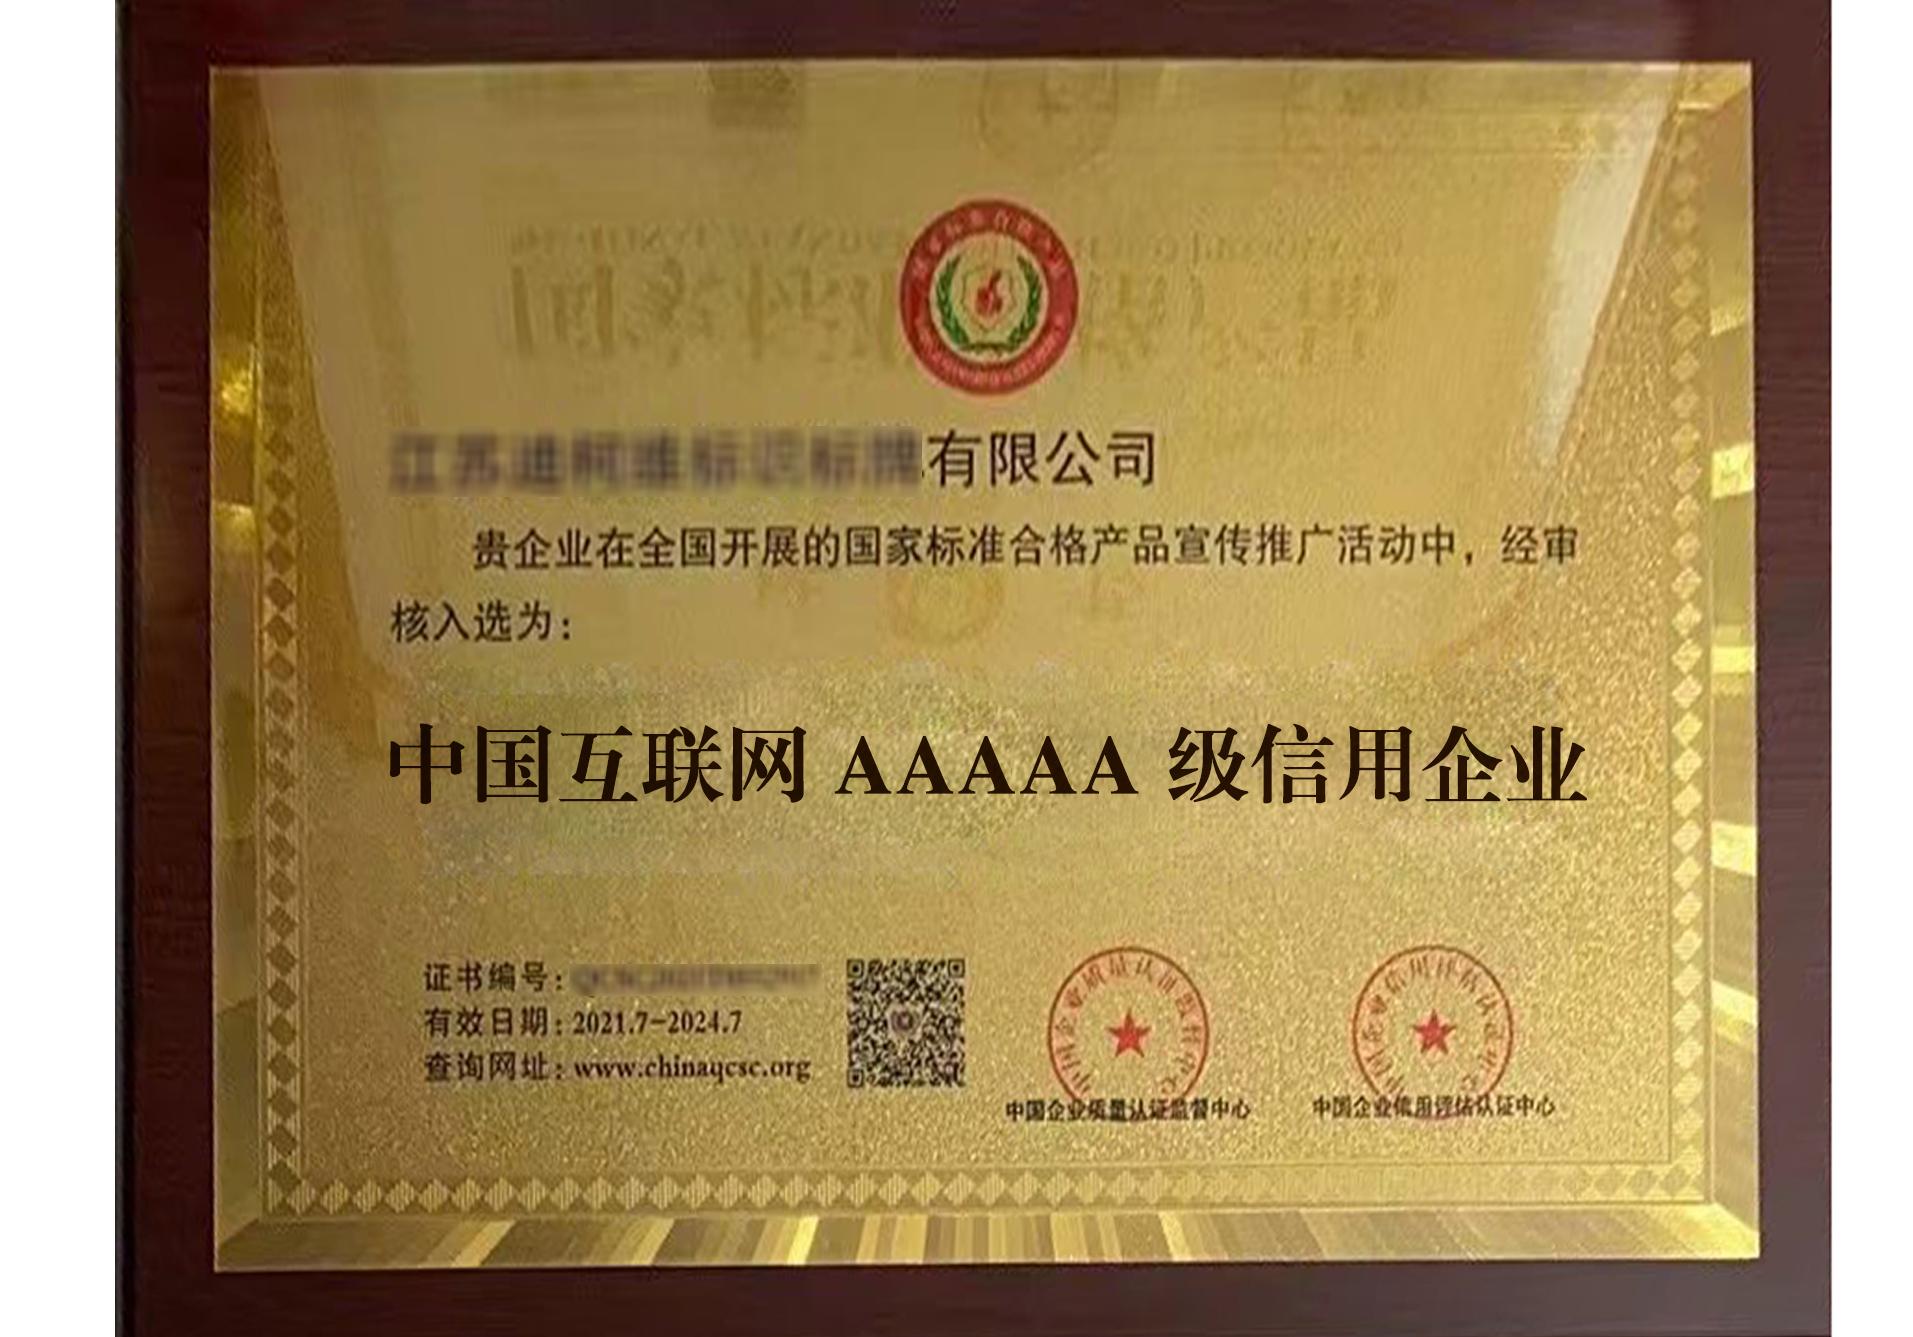 中国互联网 AAAAA 级信用企业